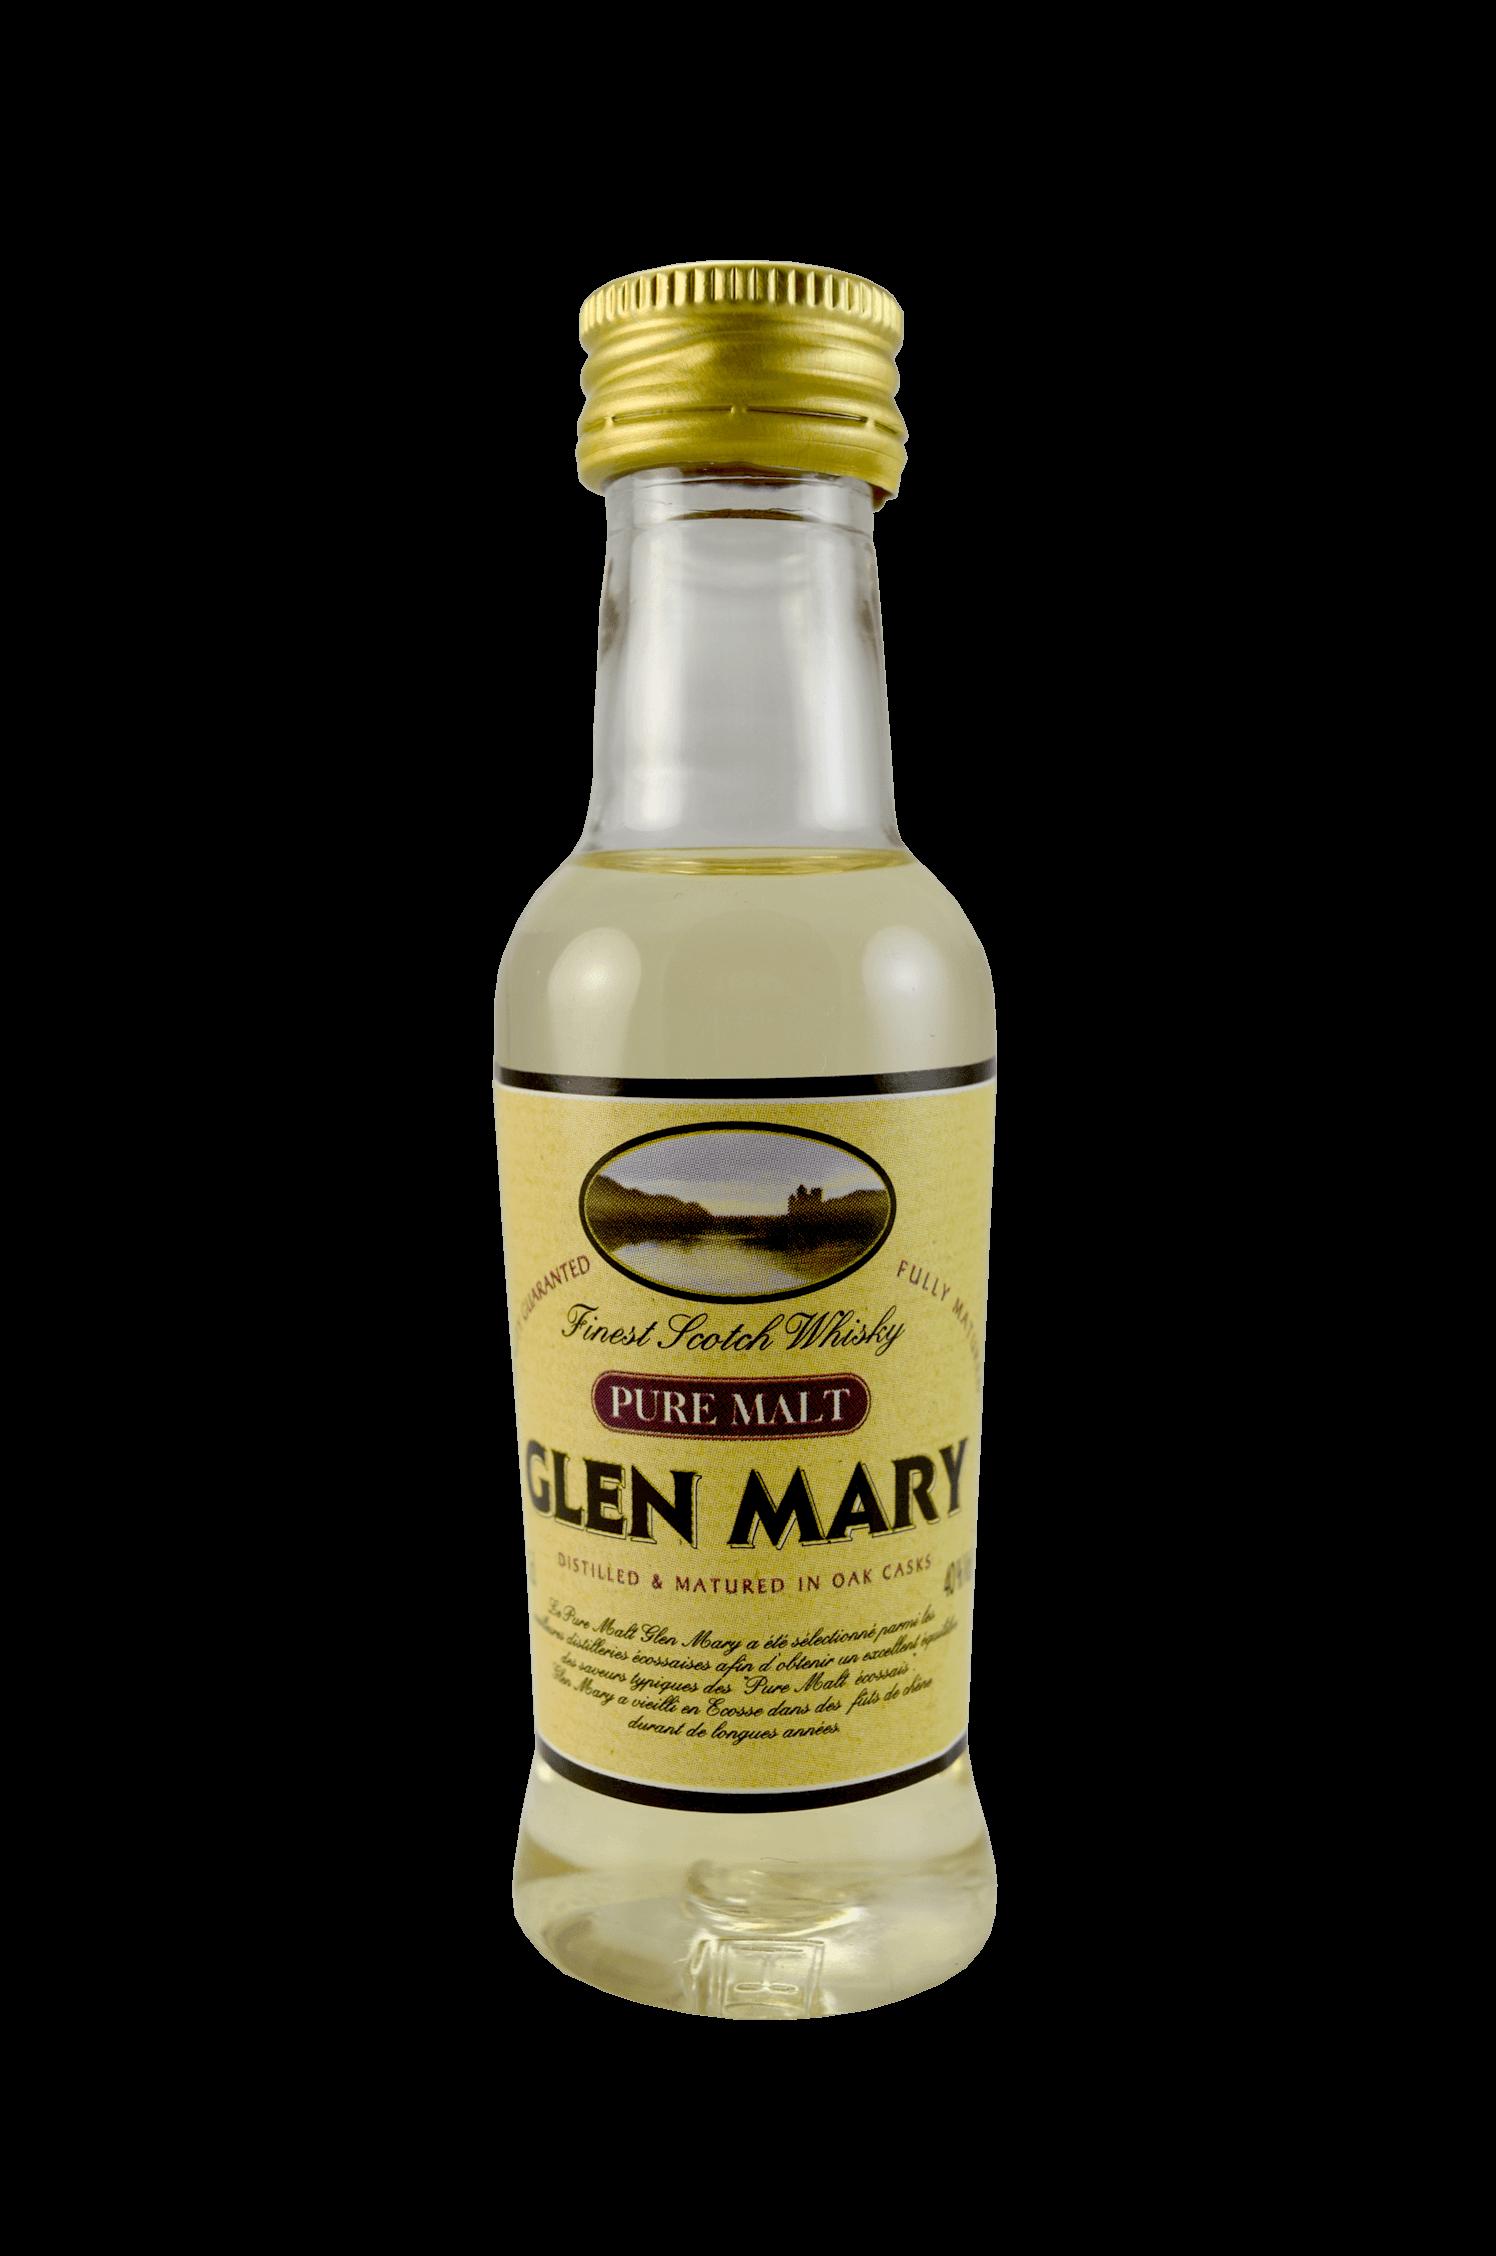 Glen Mary Scotch Whisky